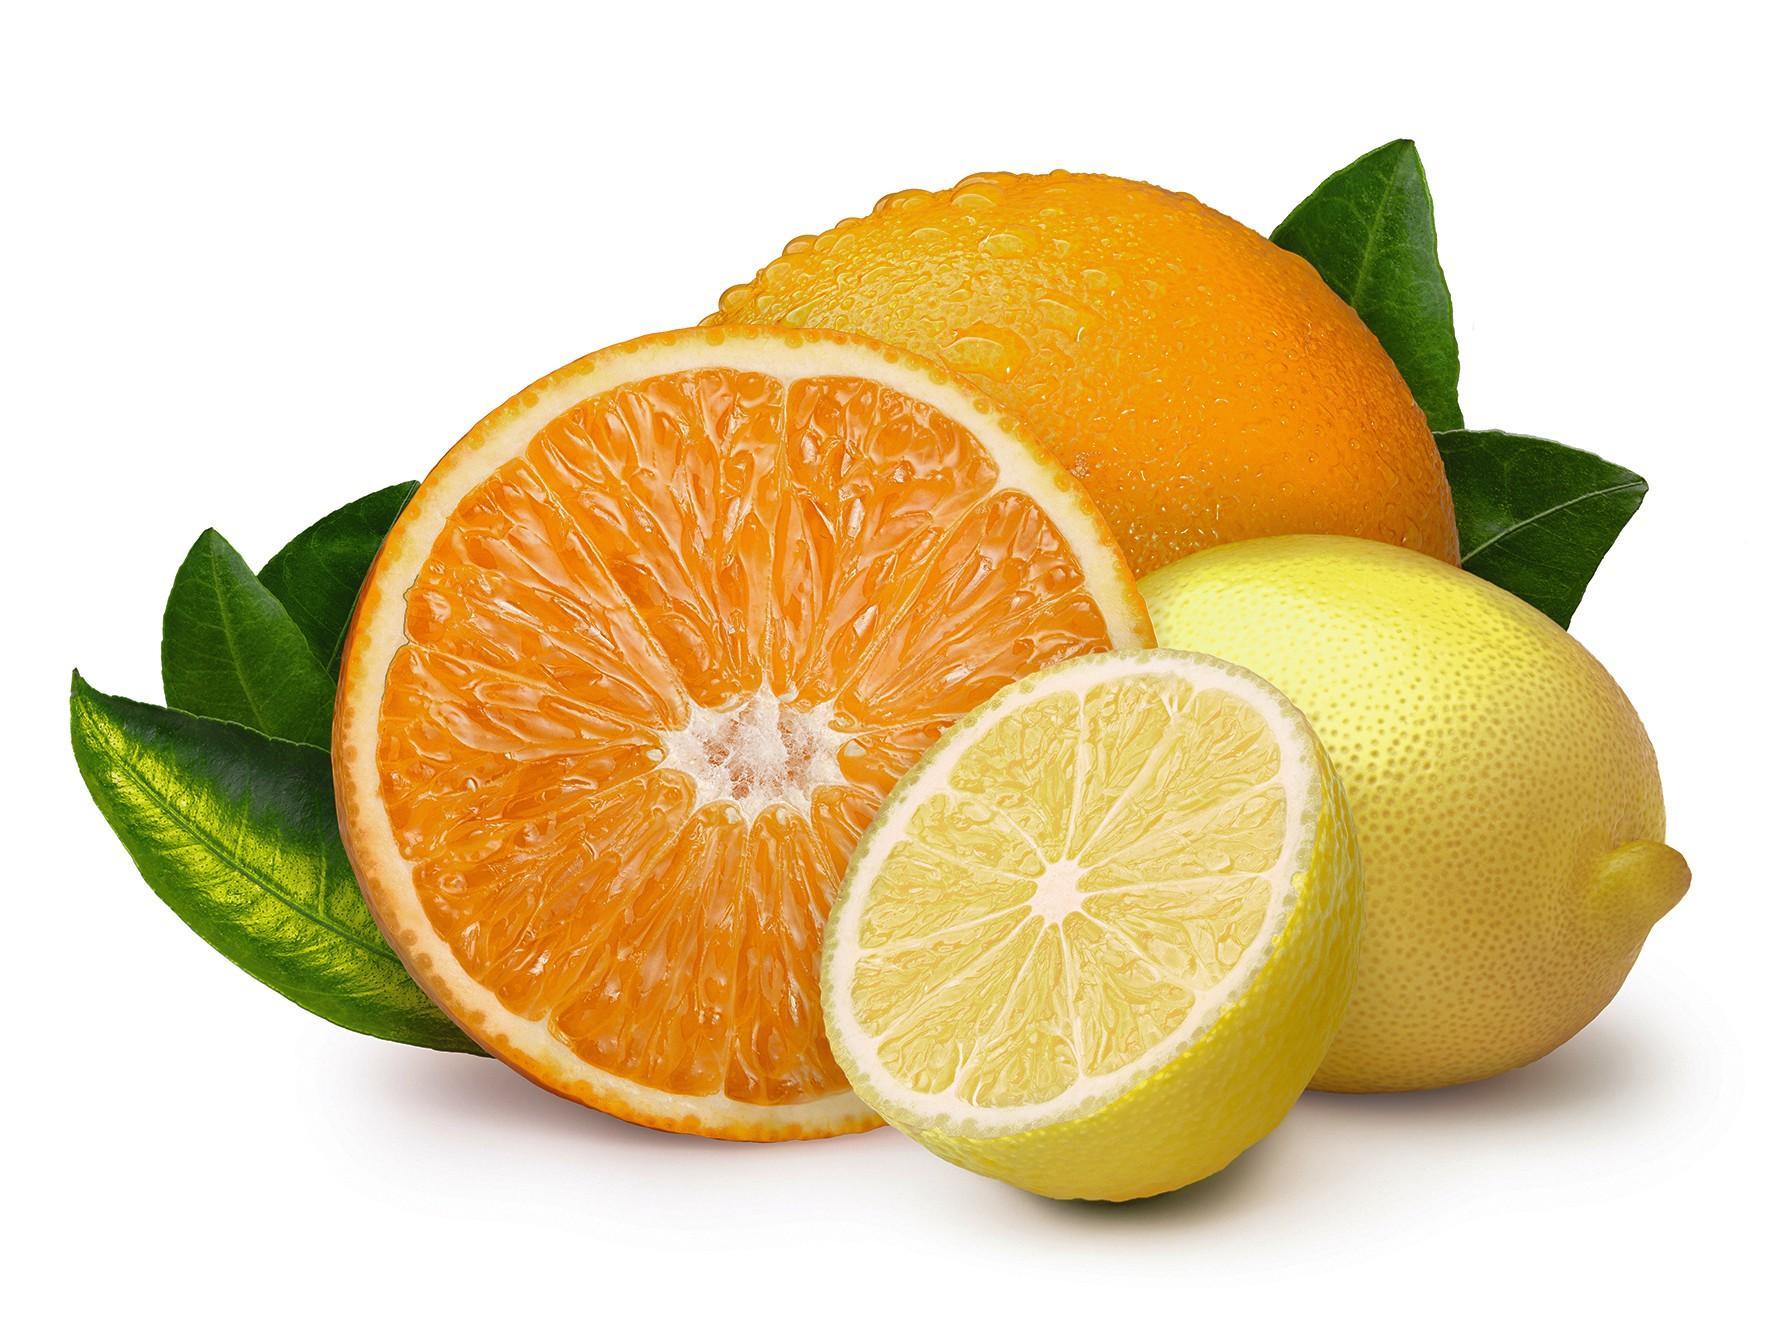 Huiles essentielles d'orange et de citron